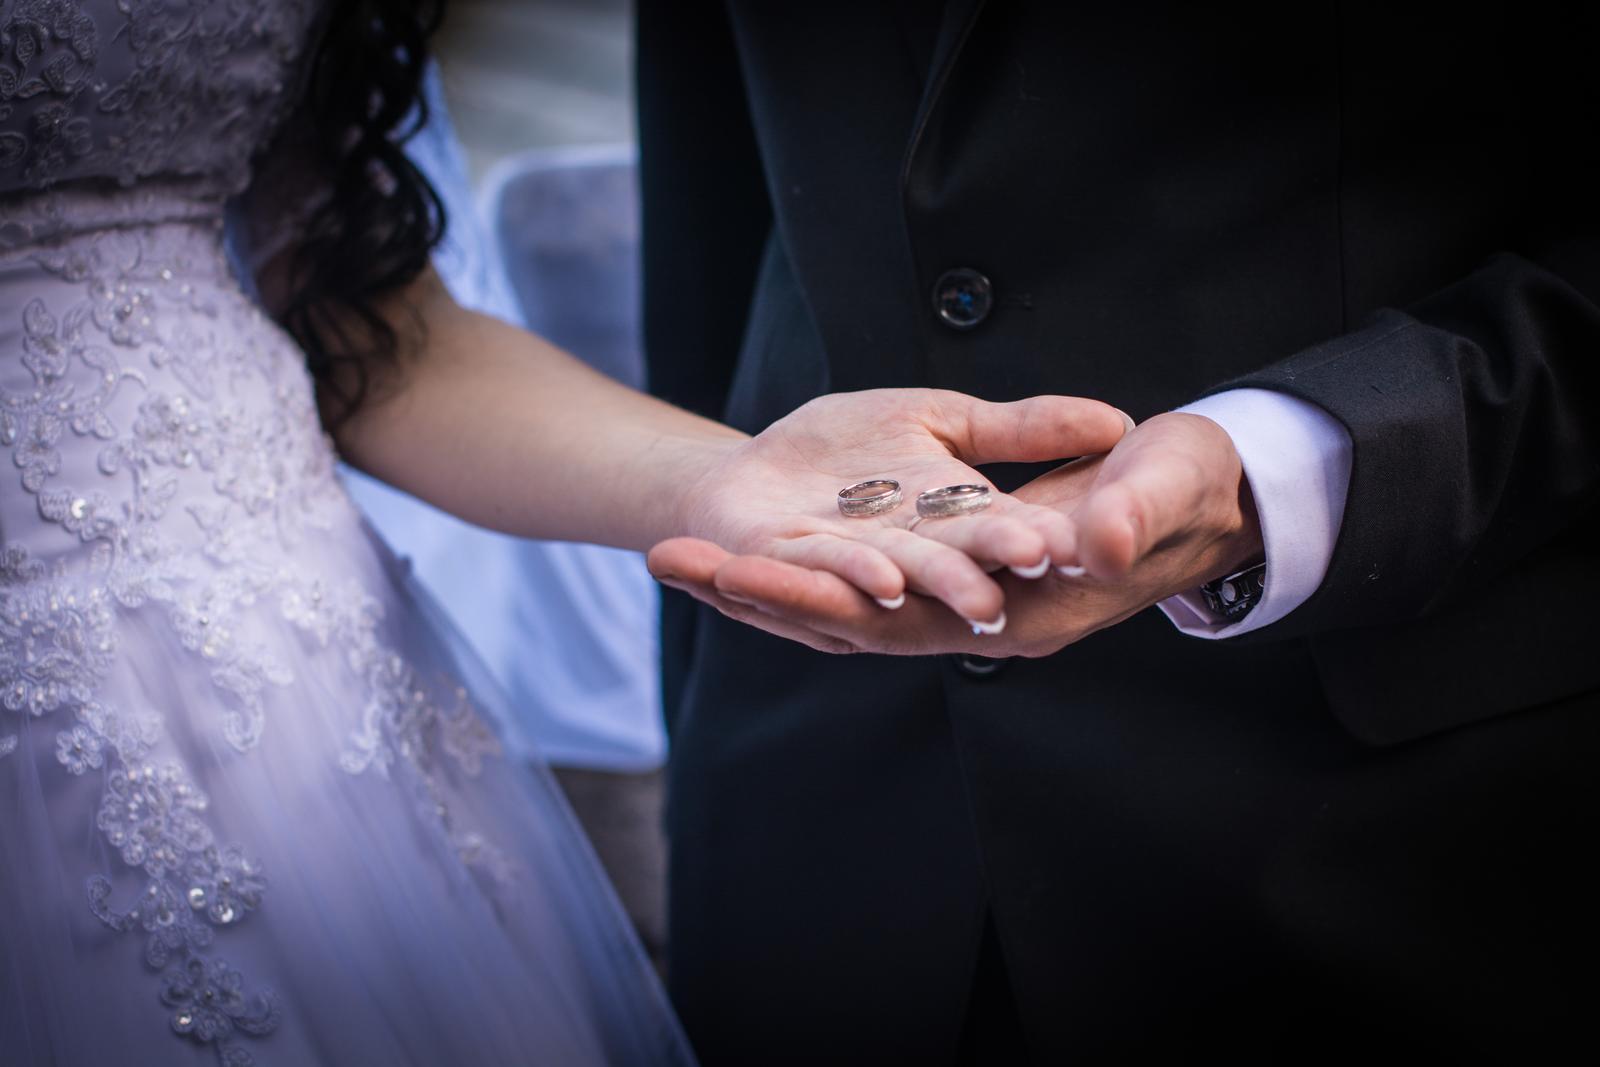 princeznovské svadobné šaty veľkosť od 34-38 - Obrázok č. 4